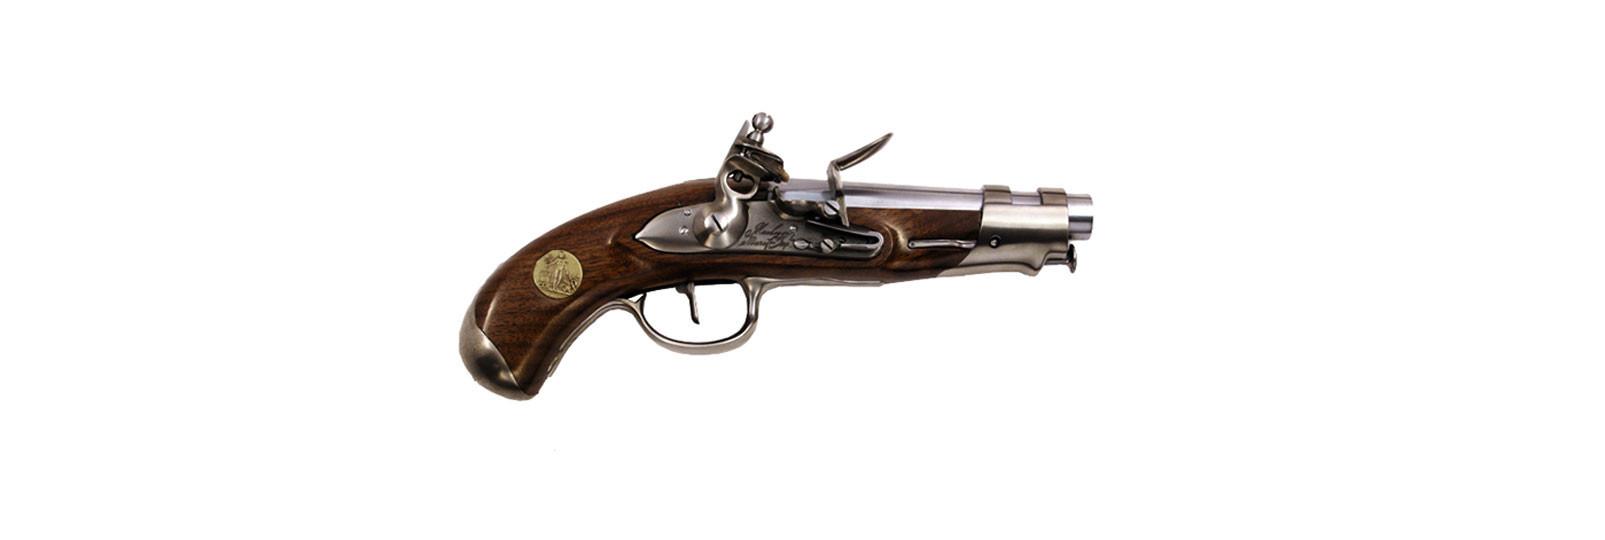 Pistola An IX De Gendarmerie commemorativa